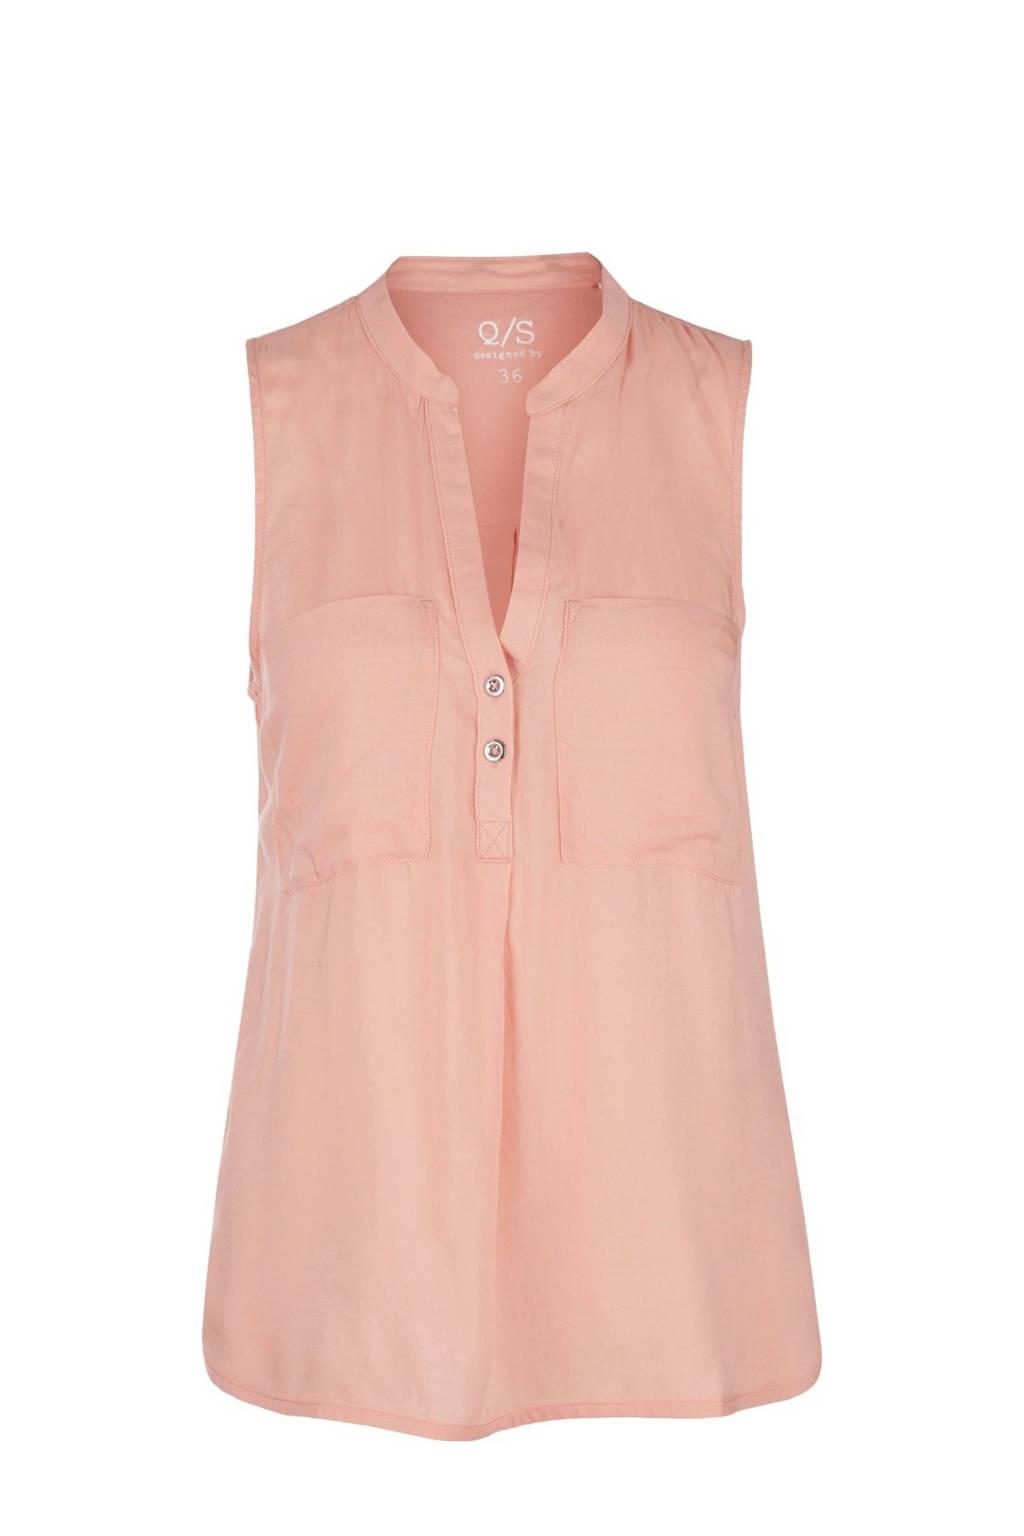 Q/S designed by top roze, Roze